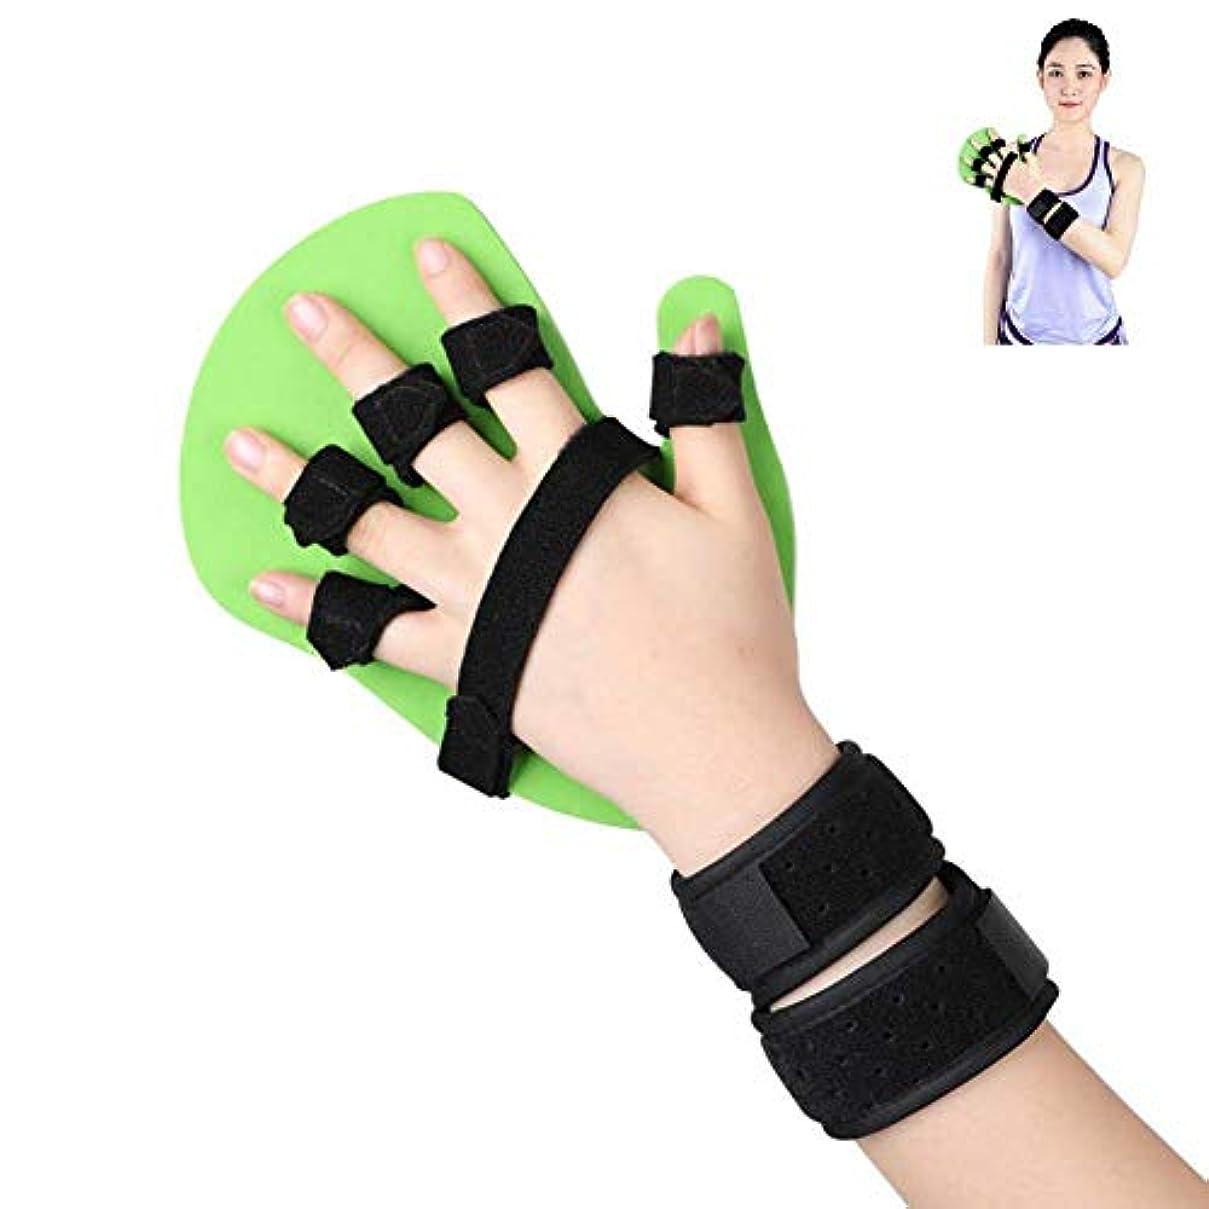 パイル迫害牧師指の損傷のサポート、指の延長スプリントセパレーター装具は、最適な指の機器トレーニング機器をサポートします,RightHand-L